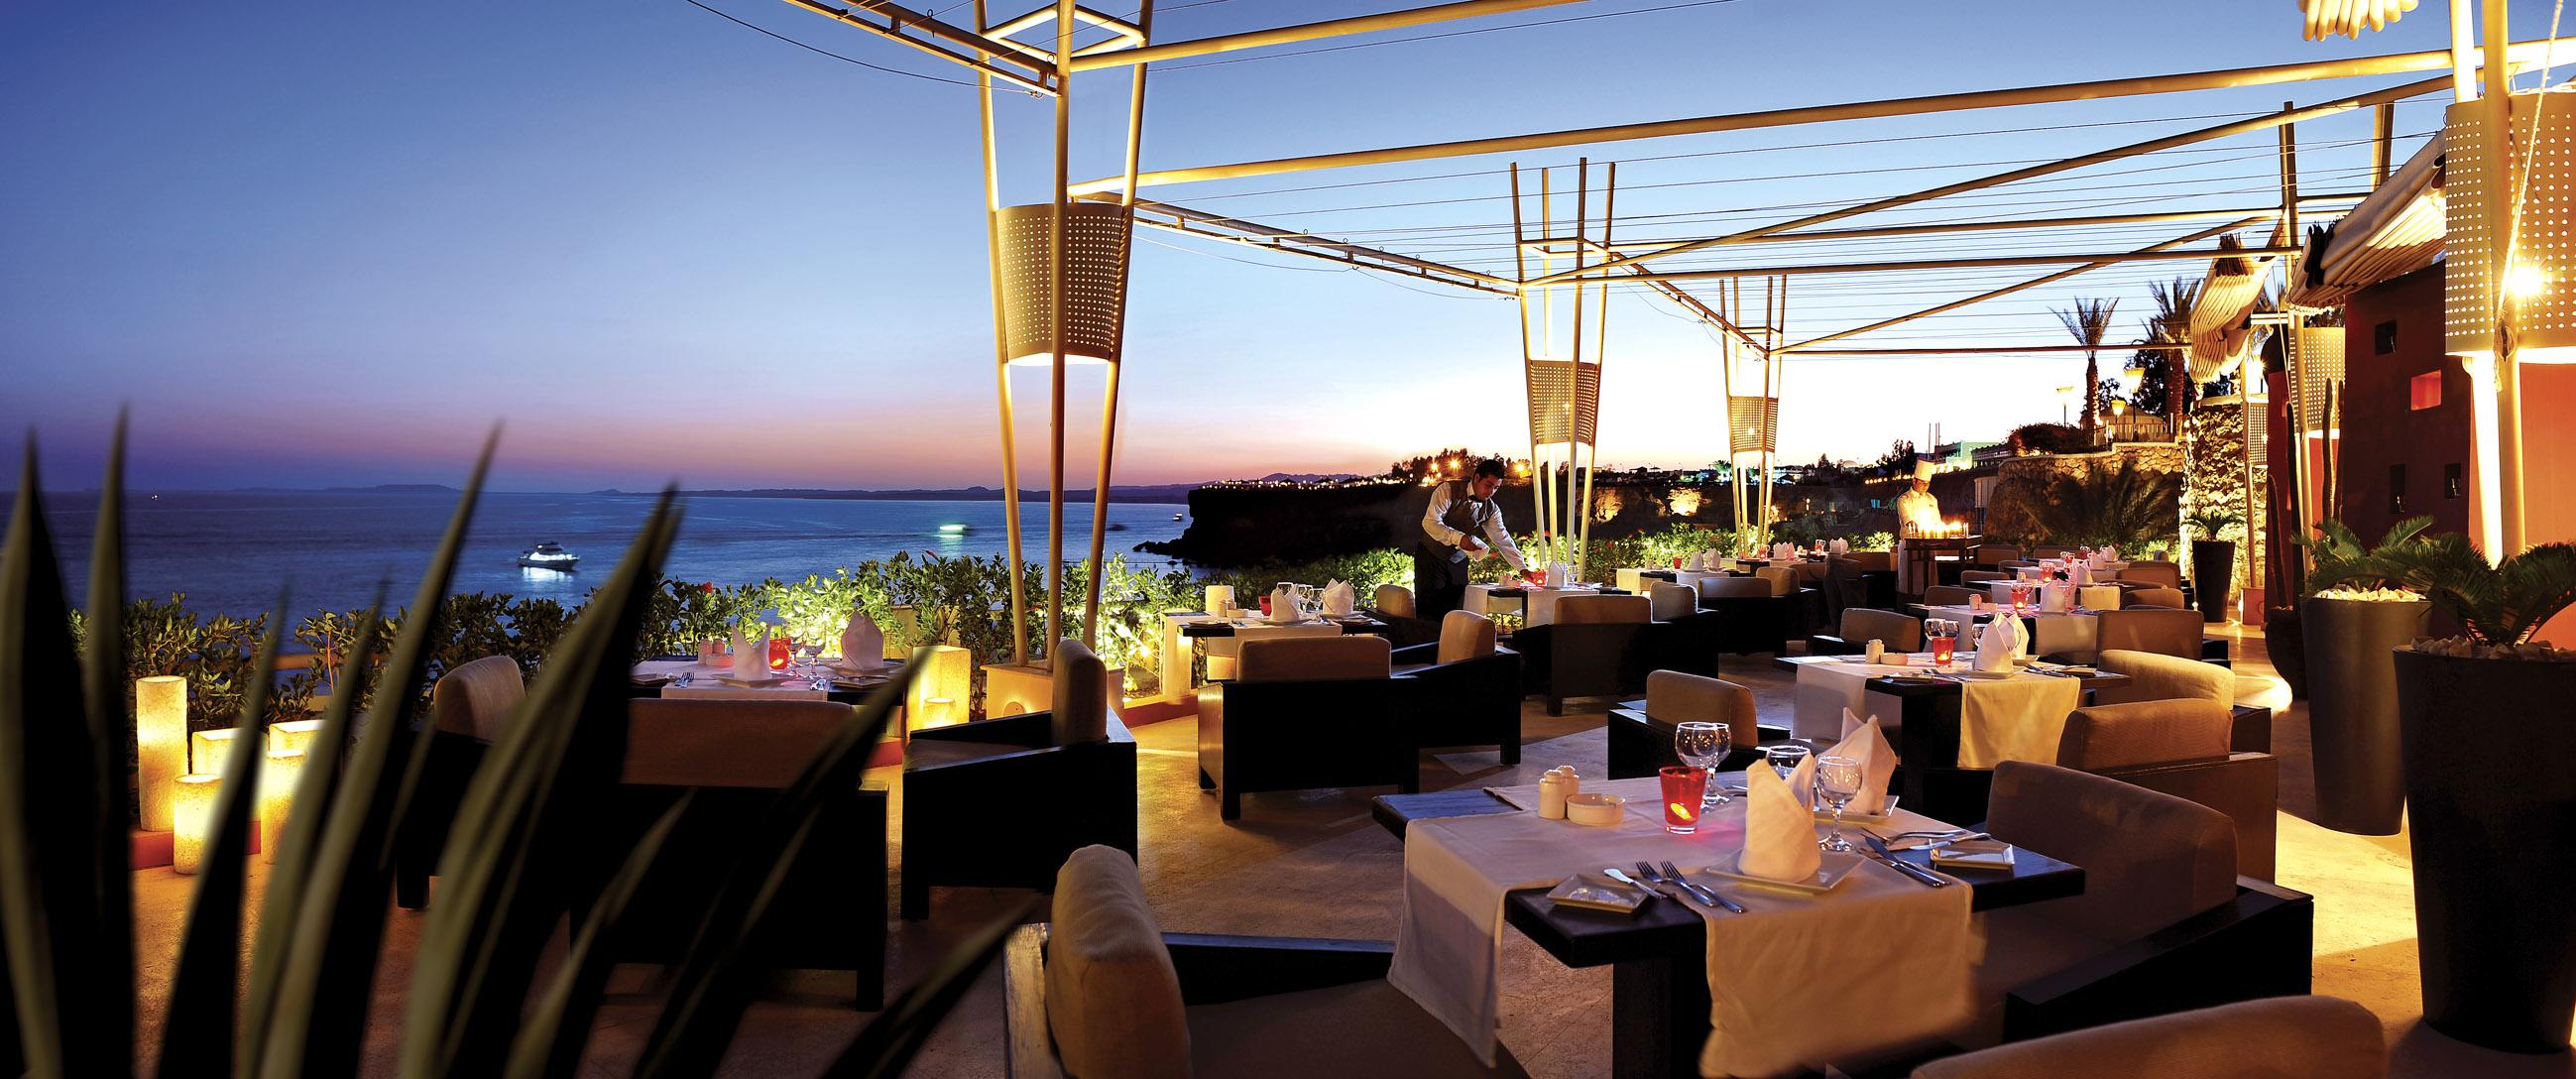 Reef Oasis Beach Resort image11